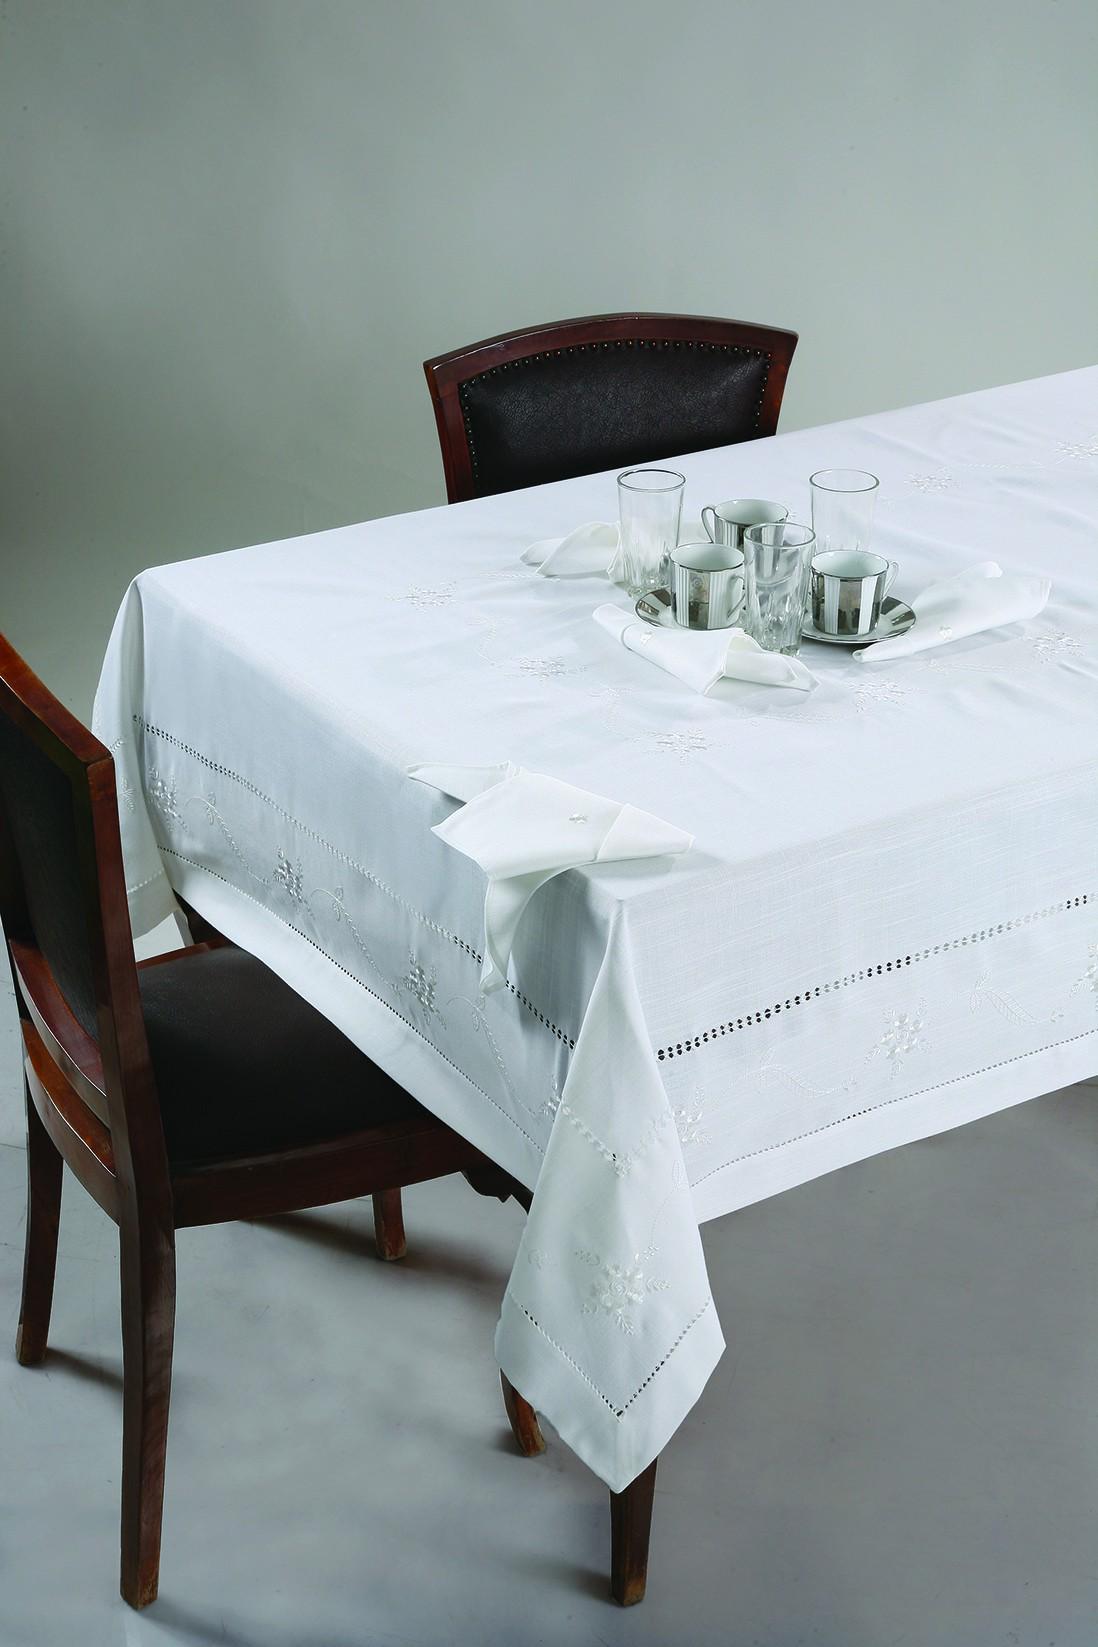 Τραπεζομάντηλο 8 Ατόμων (160x230) Viopros 16052 home   κουζίνα   τραπεζαρία   τραπεζομάντηλα